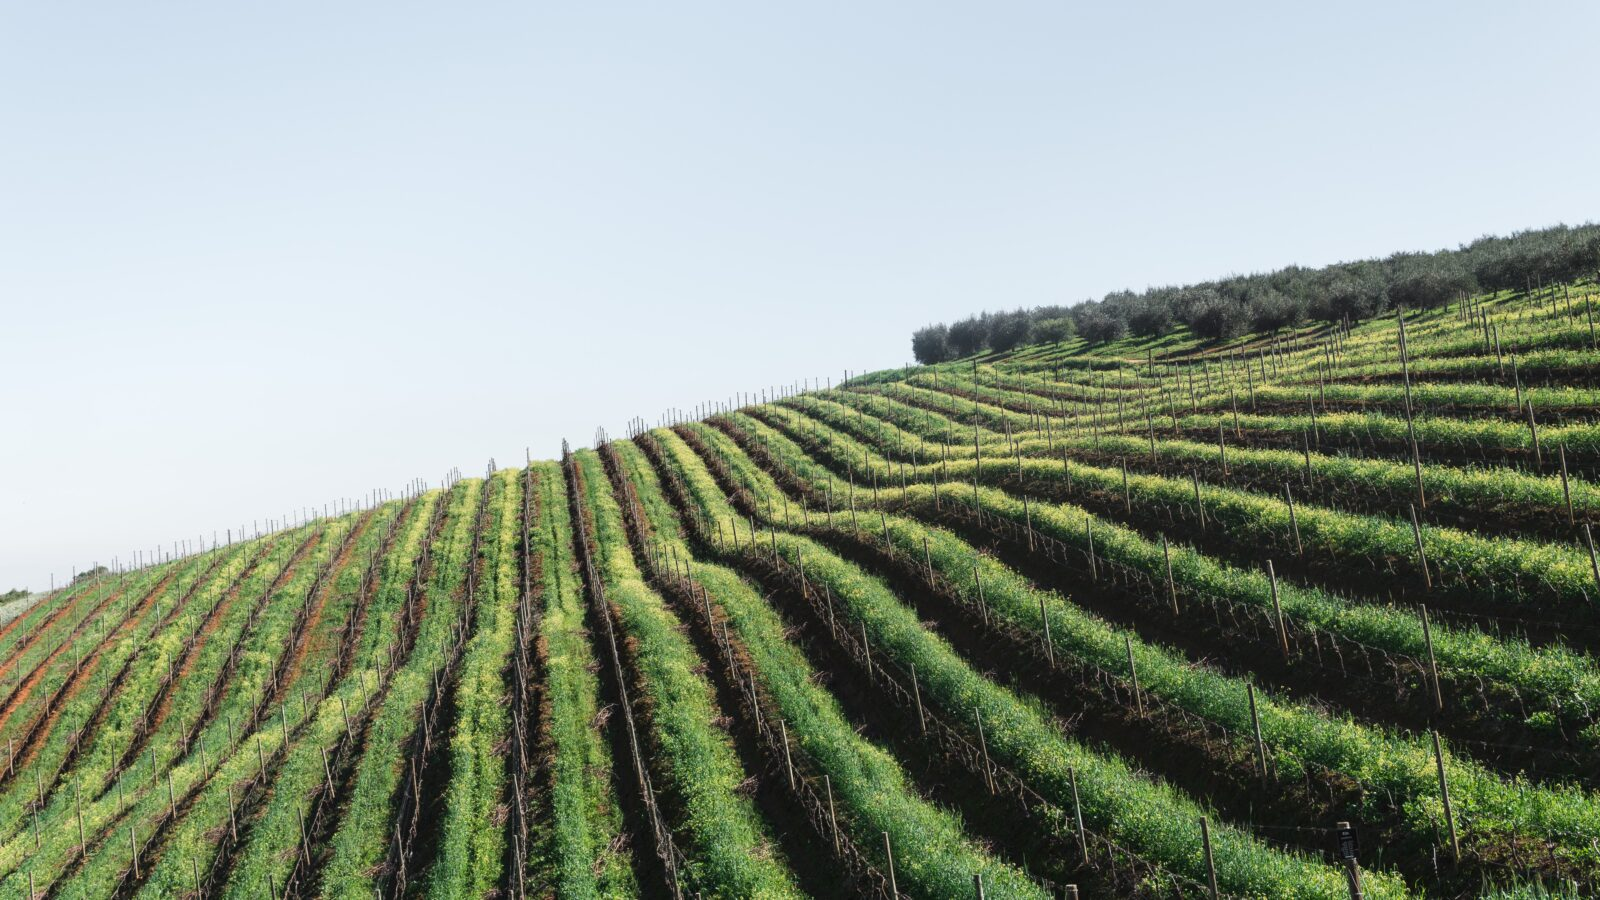 - Choisir sa route des vins: planifier son excursion selon ses goûts - 2021 - 15